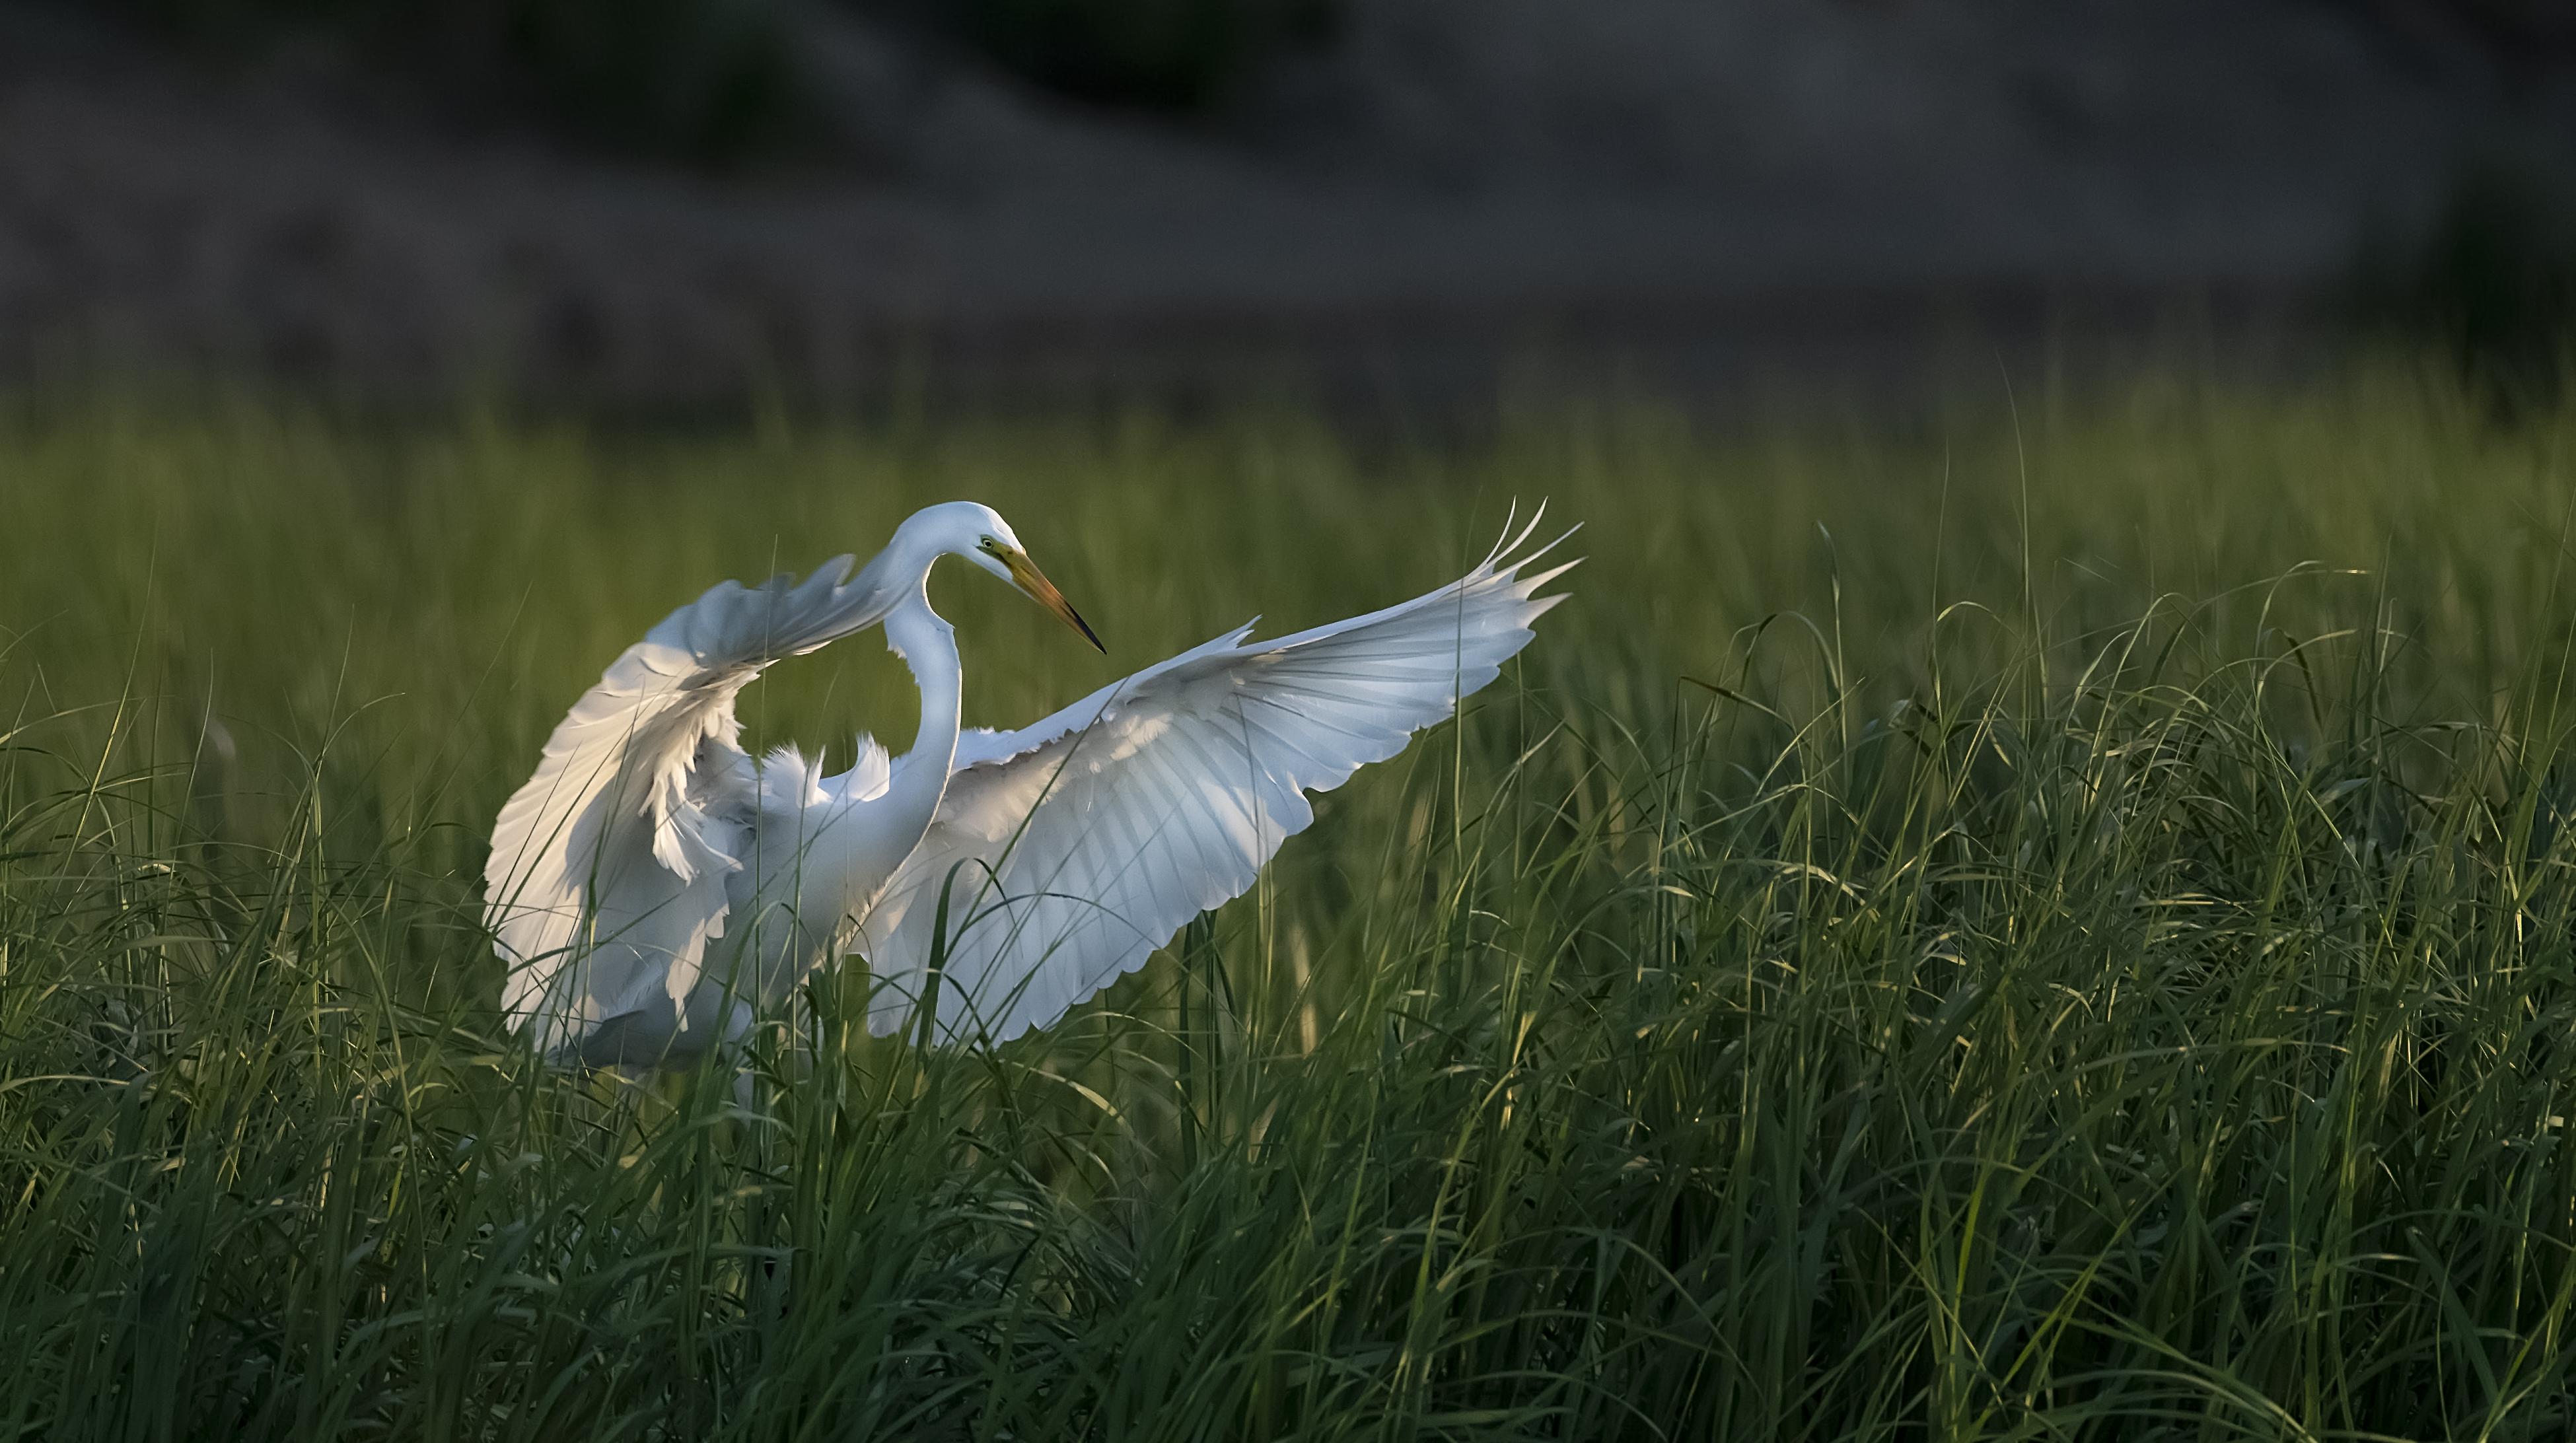 Great-Egret-landing-in-Grass-sunset